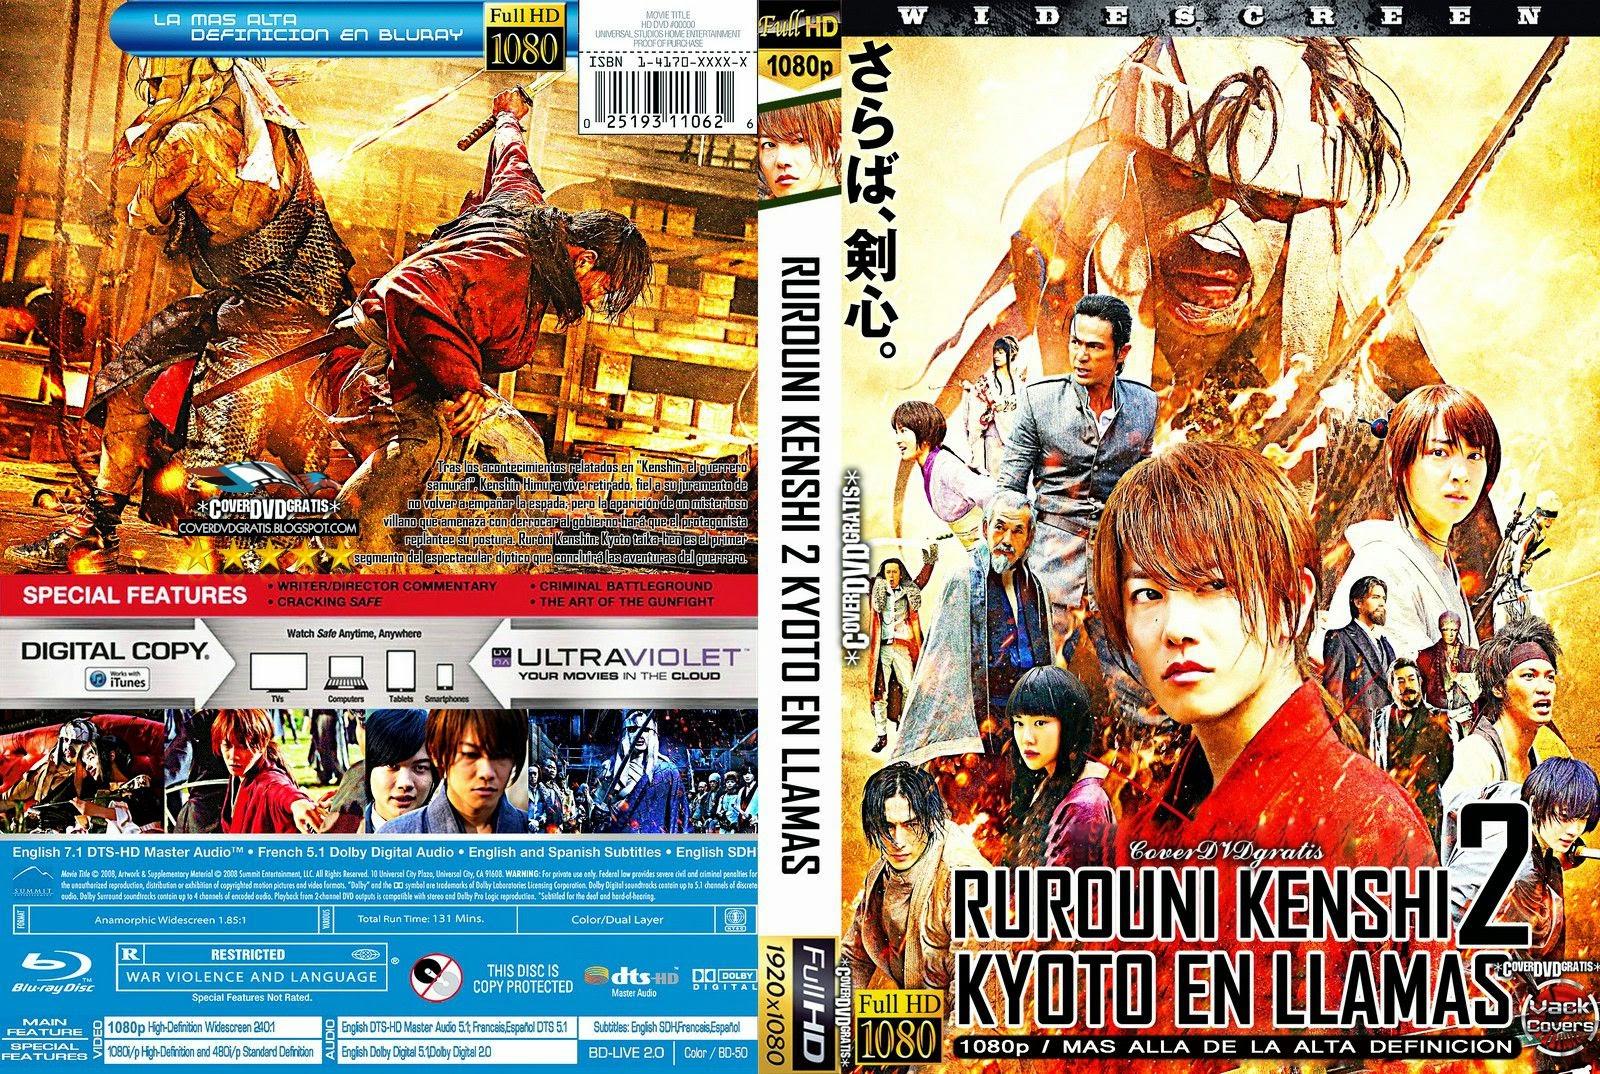 Download Samurai X O Inferno de Kyoto BDRip XviD Dual Áudio Rurouni 2BKenshin 2B2 2B  2BKyoto 2BEn 2BLlamas 2B CoveRdvdGratiS